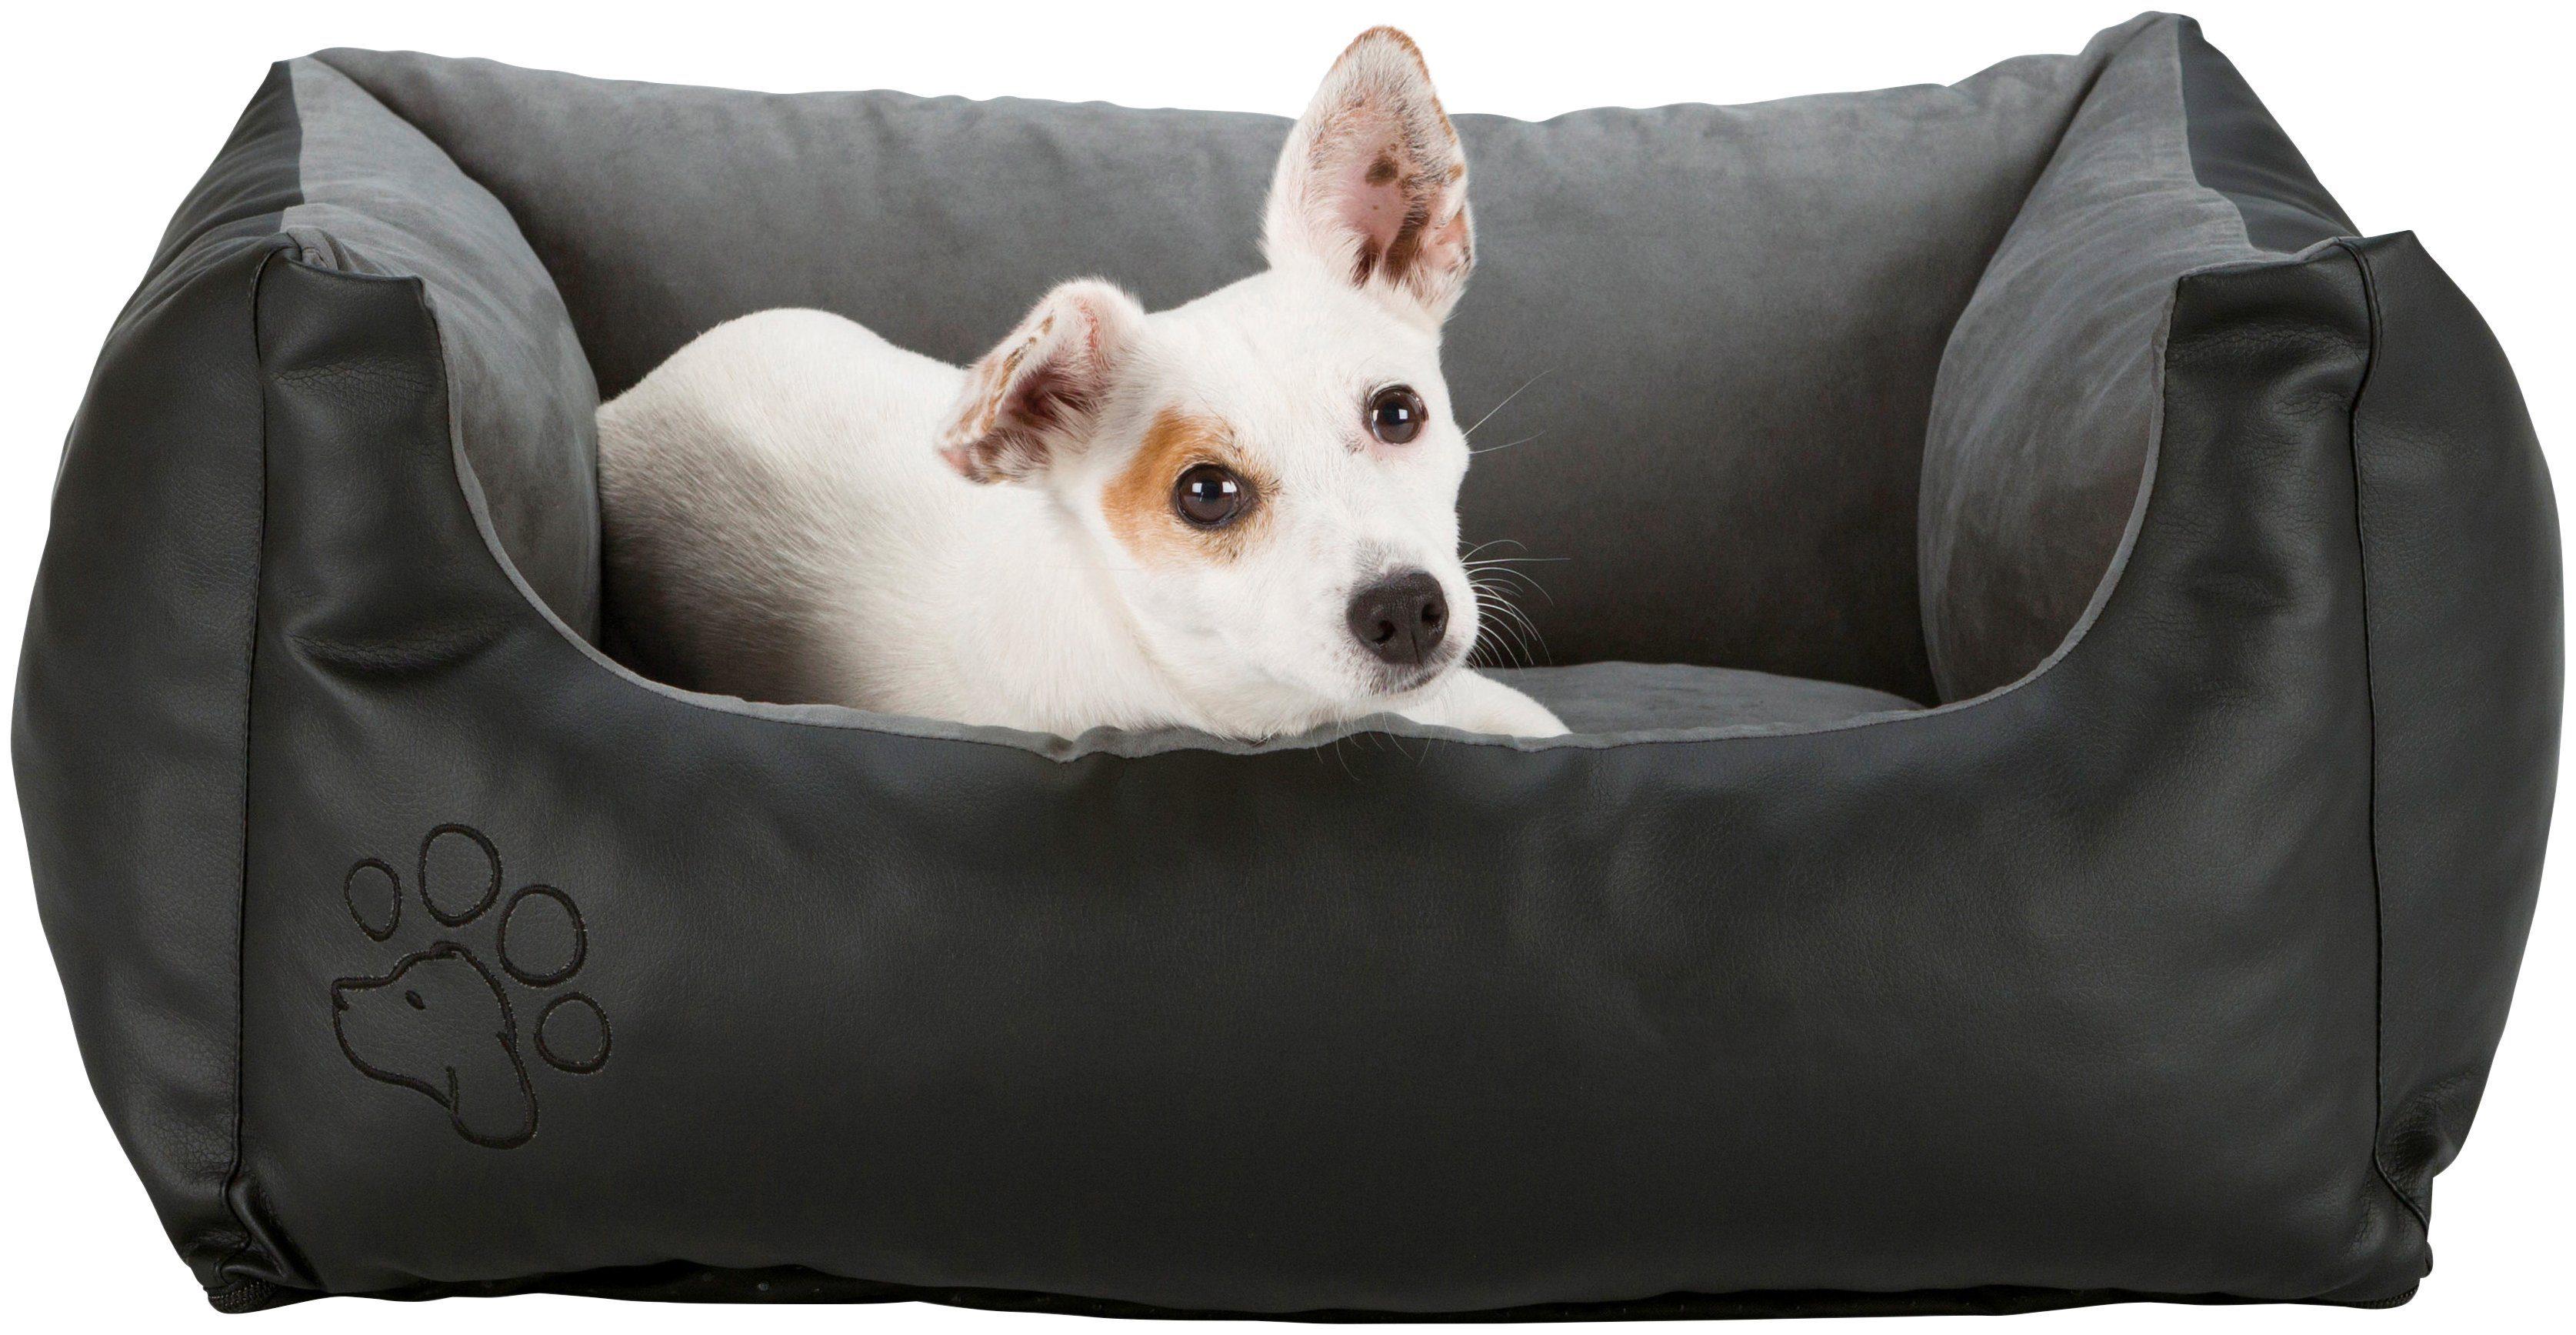 TRIXIE Hundebett »Bino«, BxL: 100x70 cm, schwarz/grau